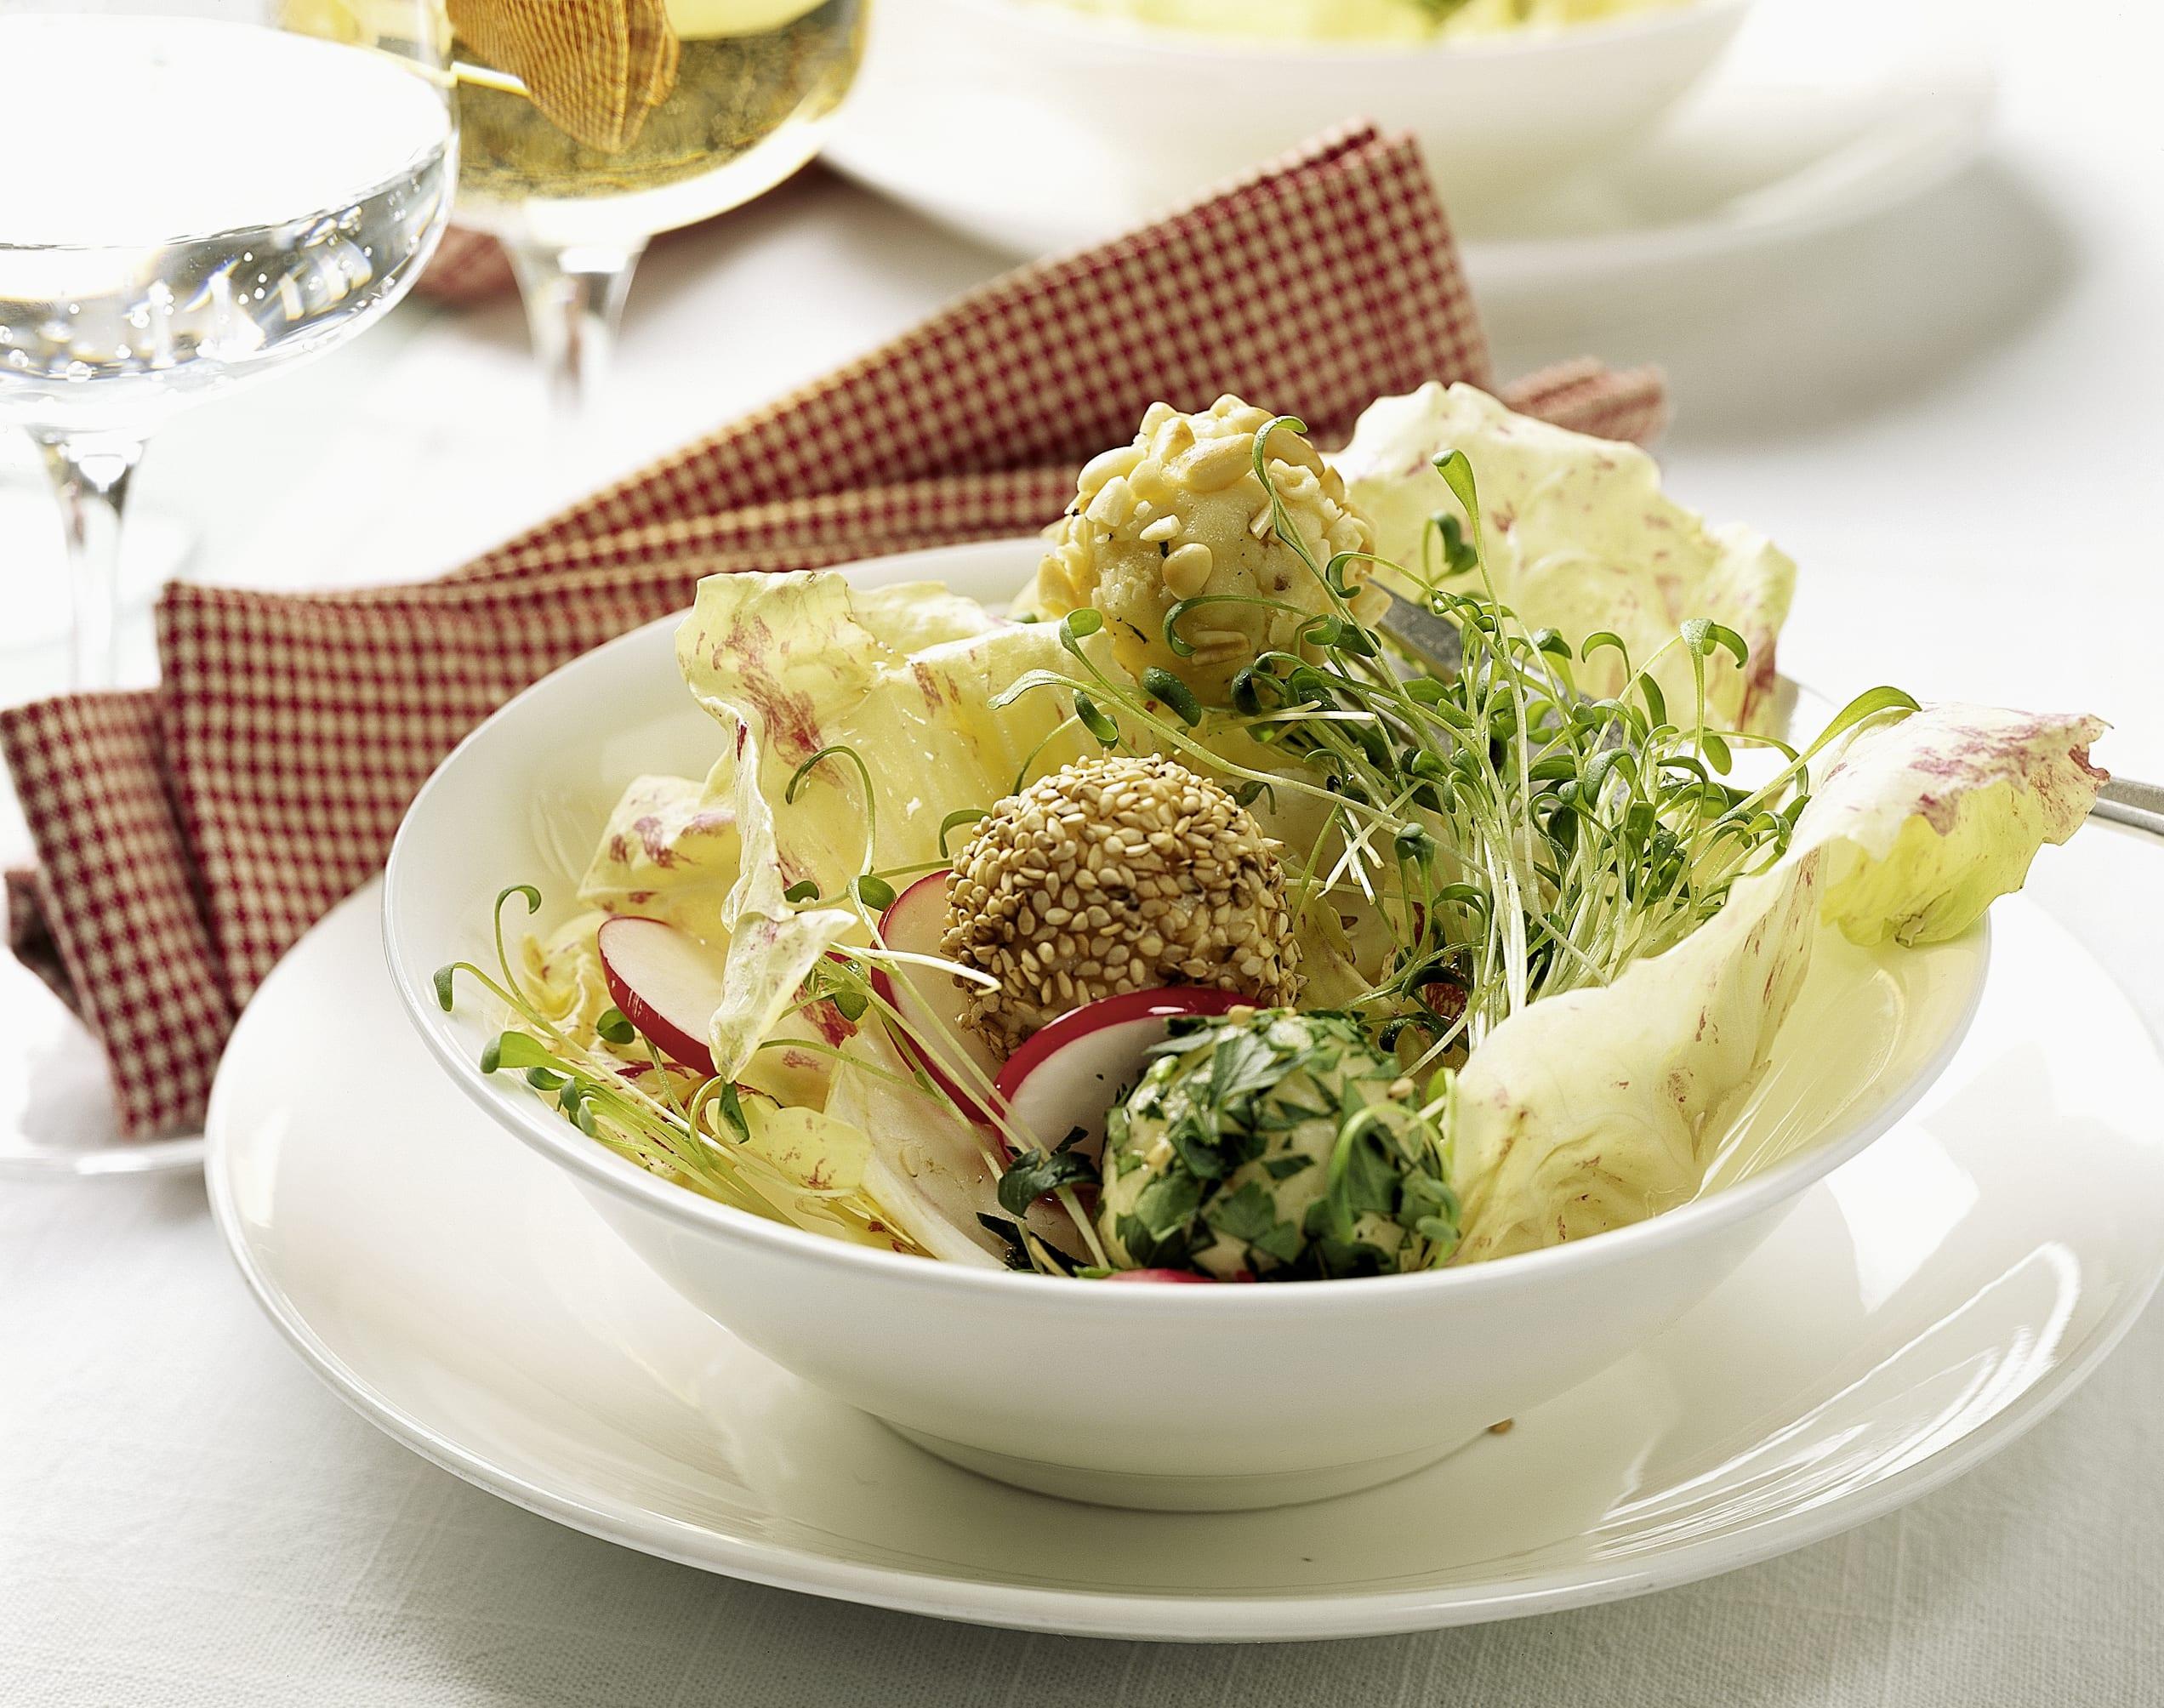 Salade printanière aux truffes au fromage